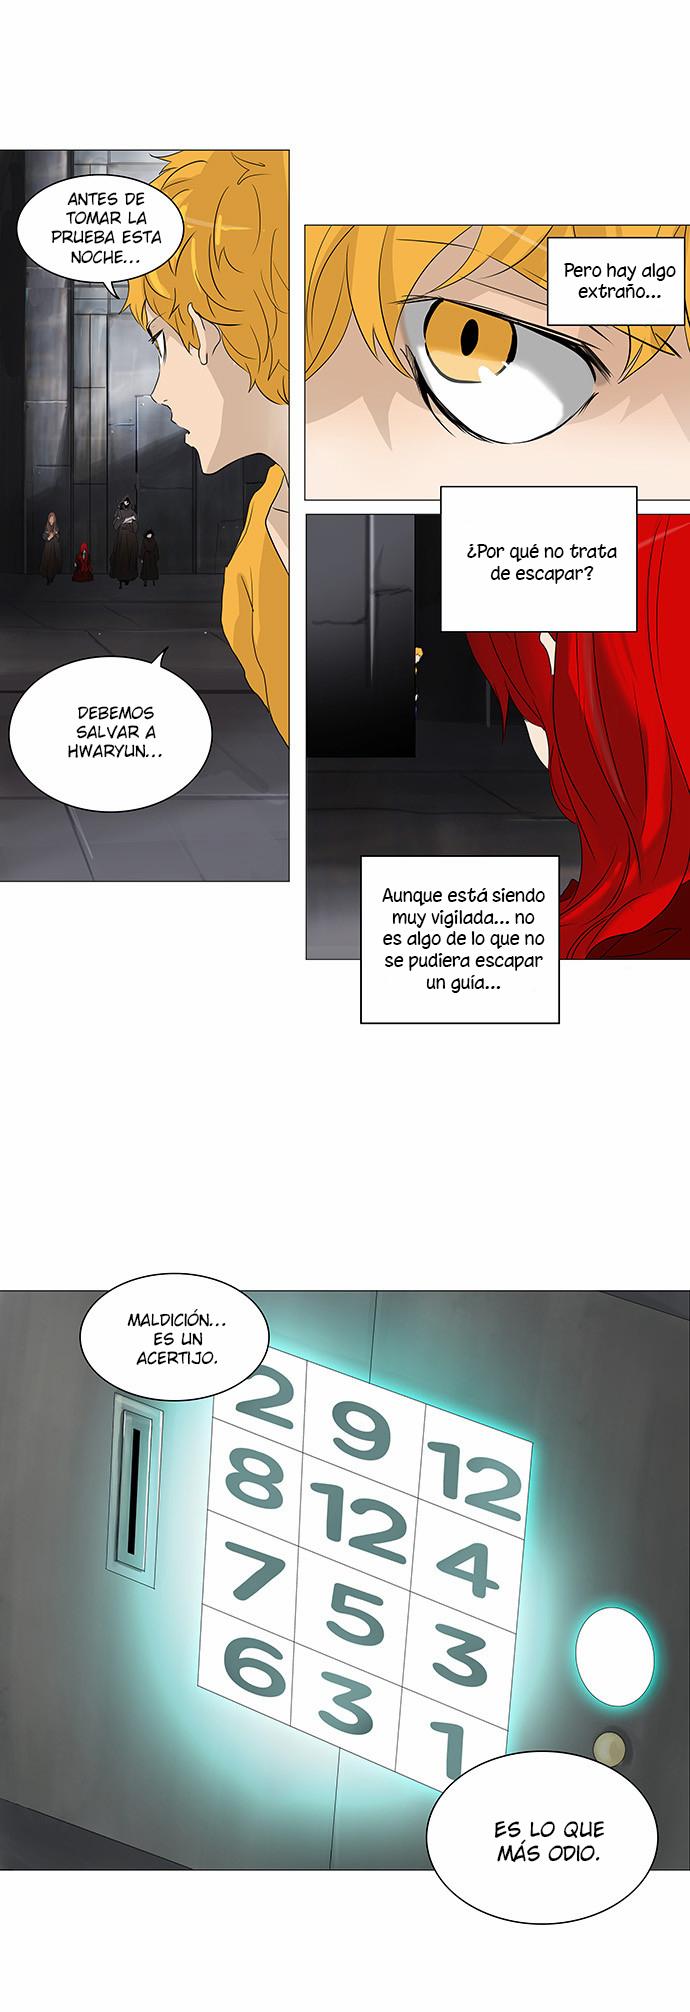 http://c5.ninemanga.com/es_manga/21/149/384518/eef490f6eab3a53f5b27faba349c4448.jpg Page 6